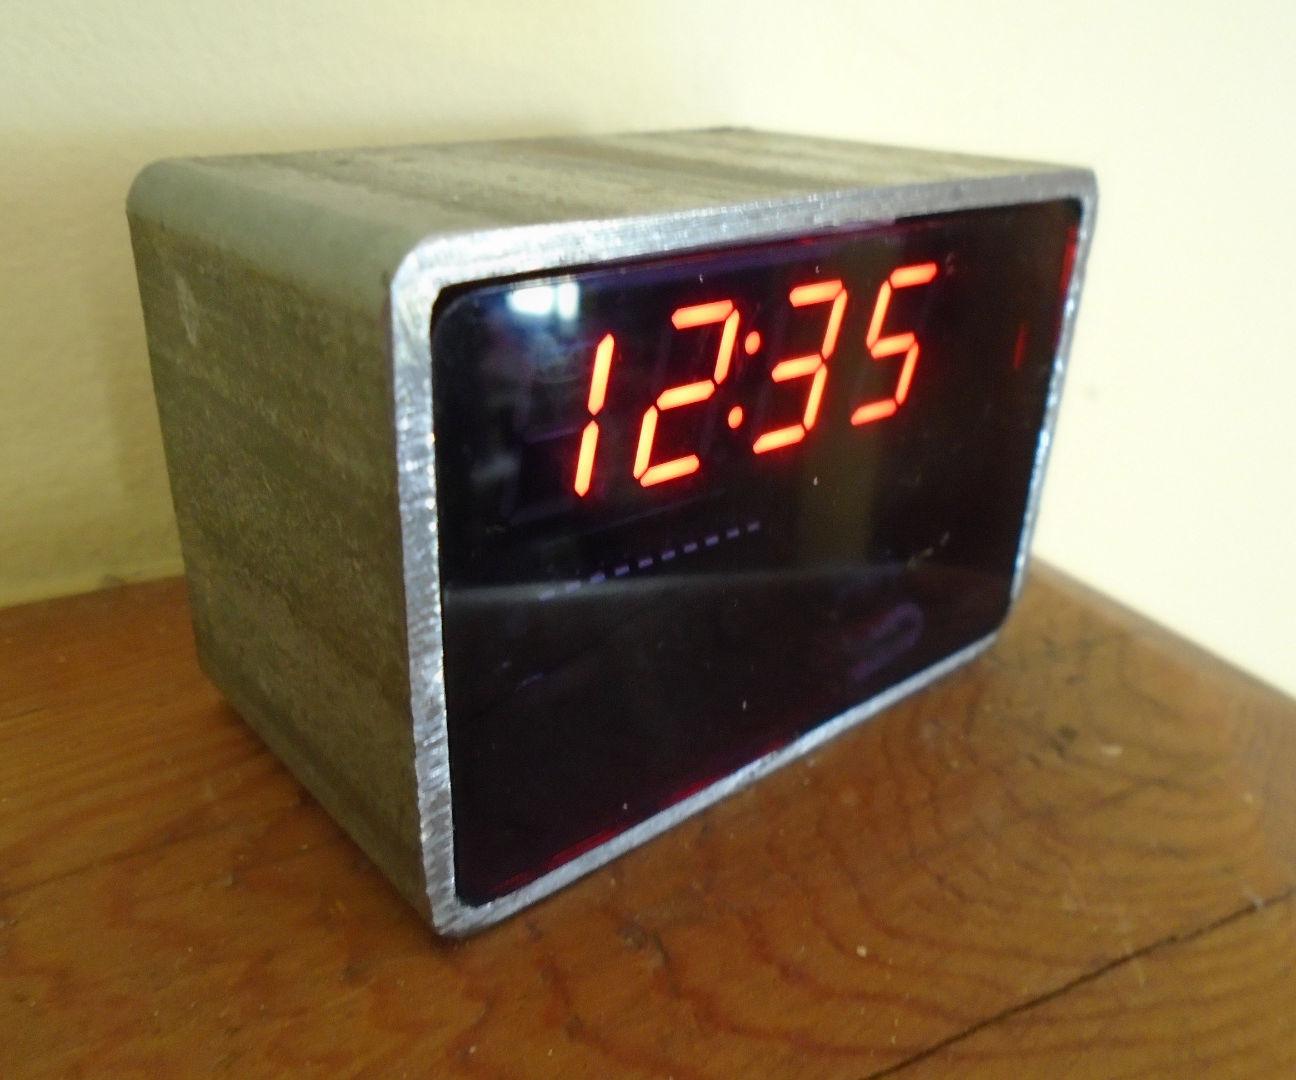 Bomb proof clock